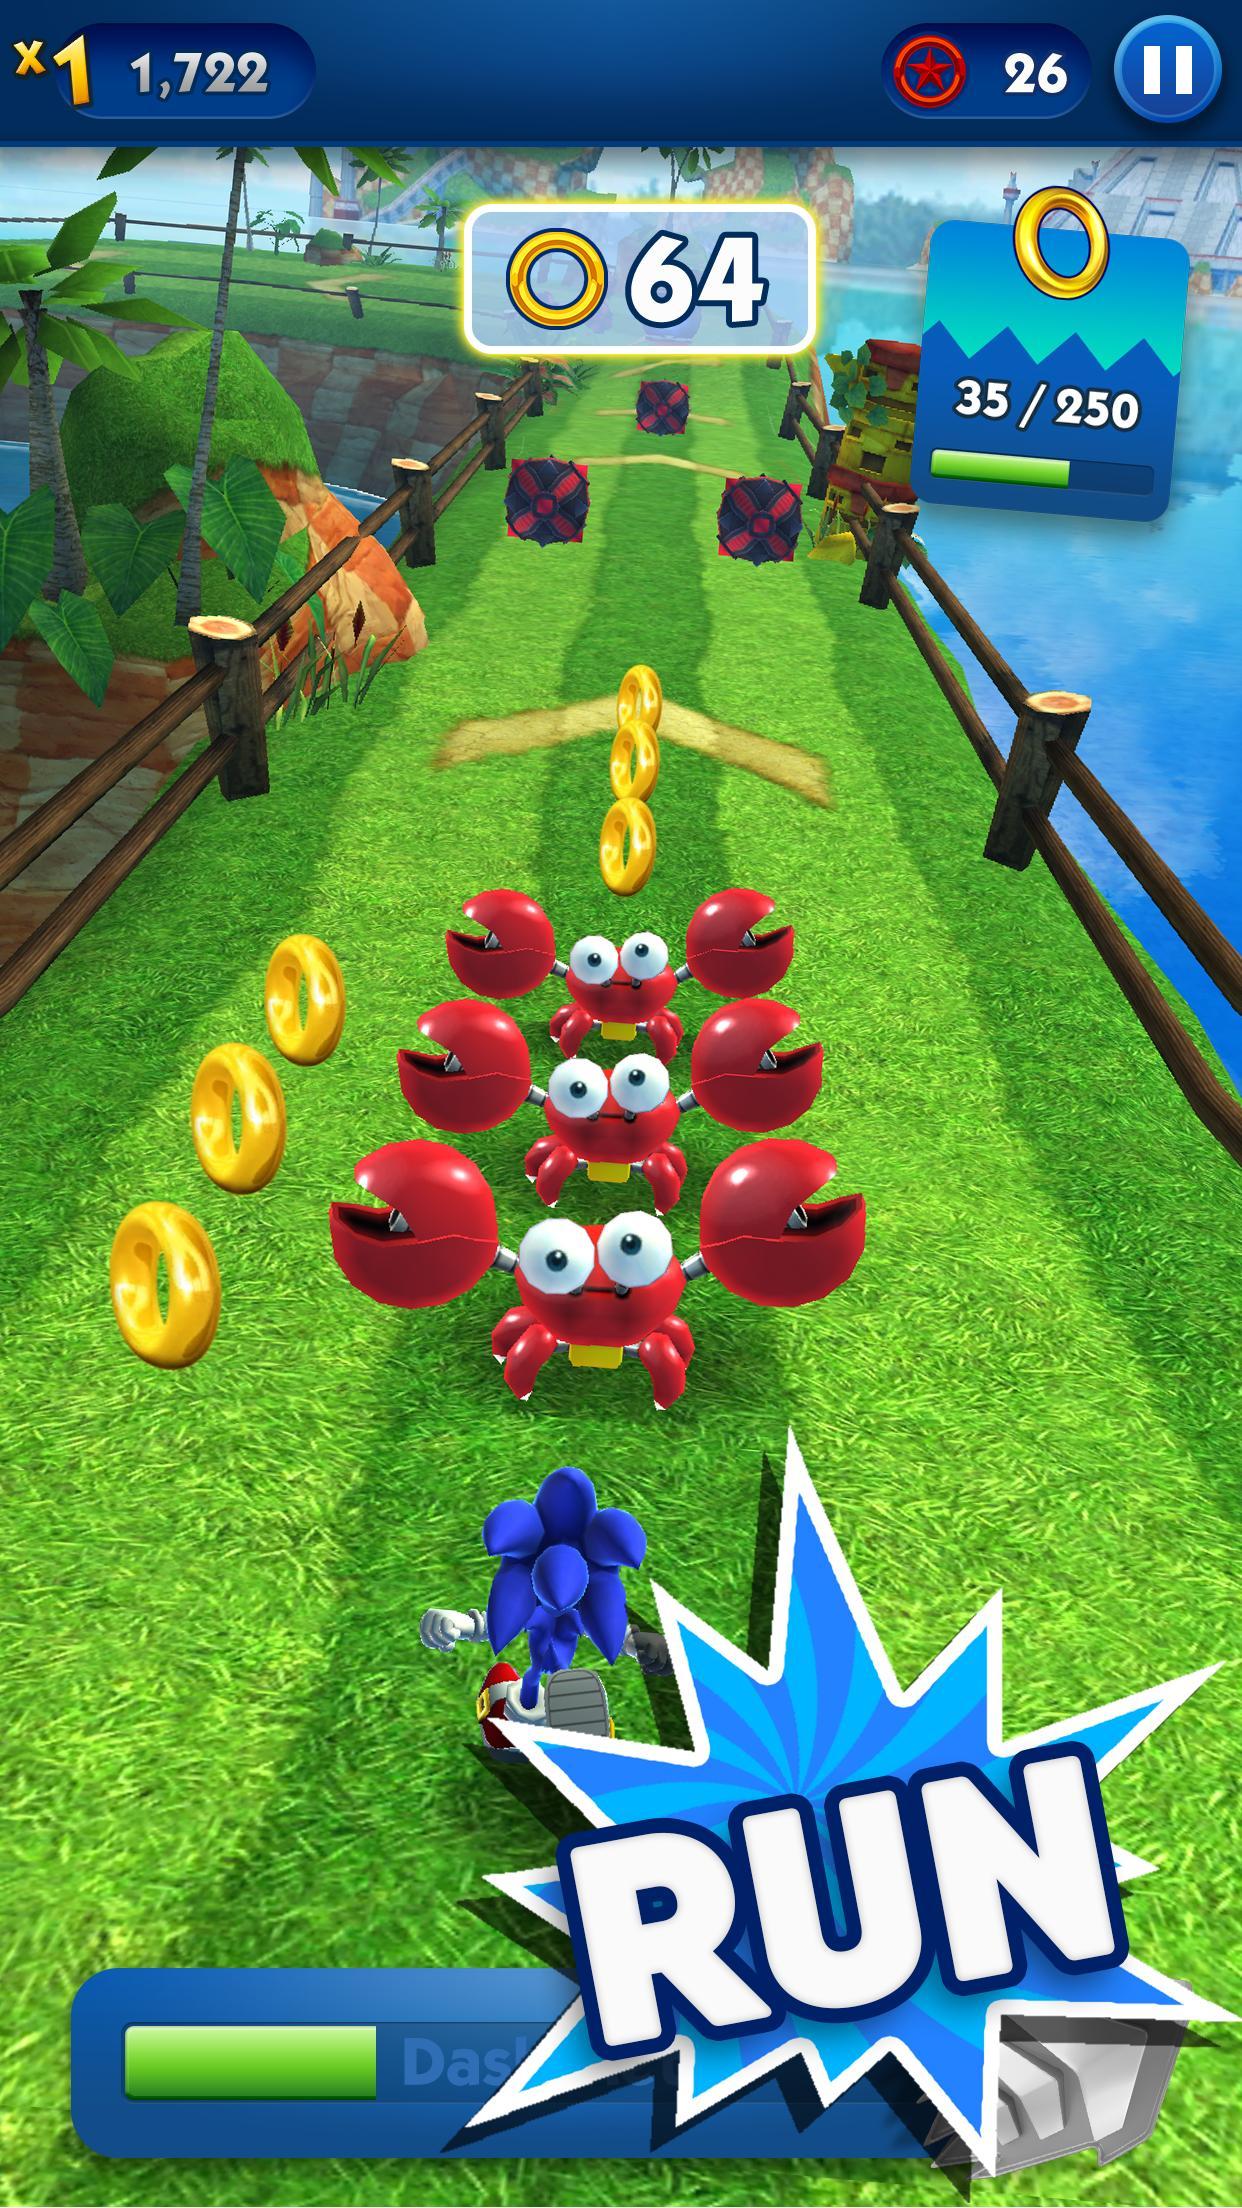 Sonic Dash - Endless Running & Racing Game 4.14.0 Screenshot 17